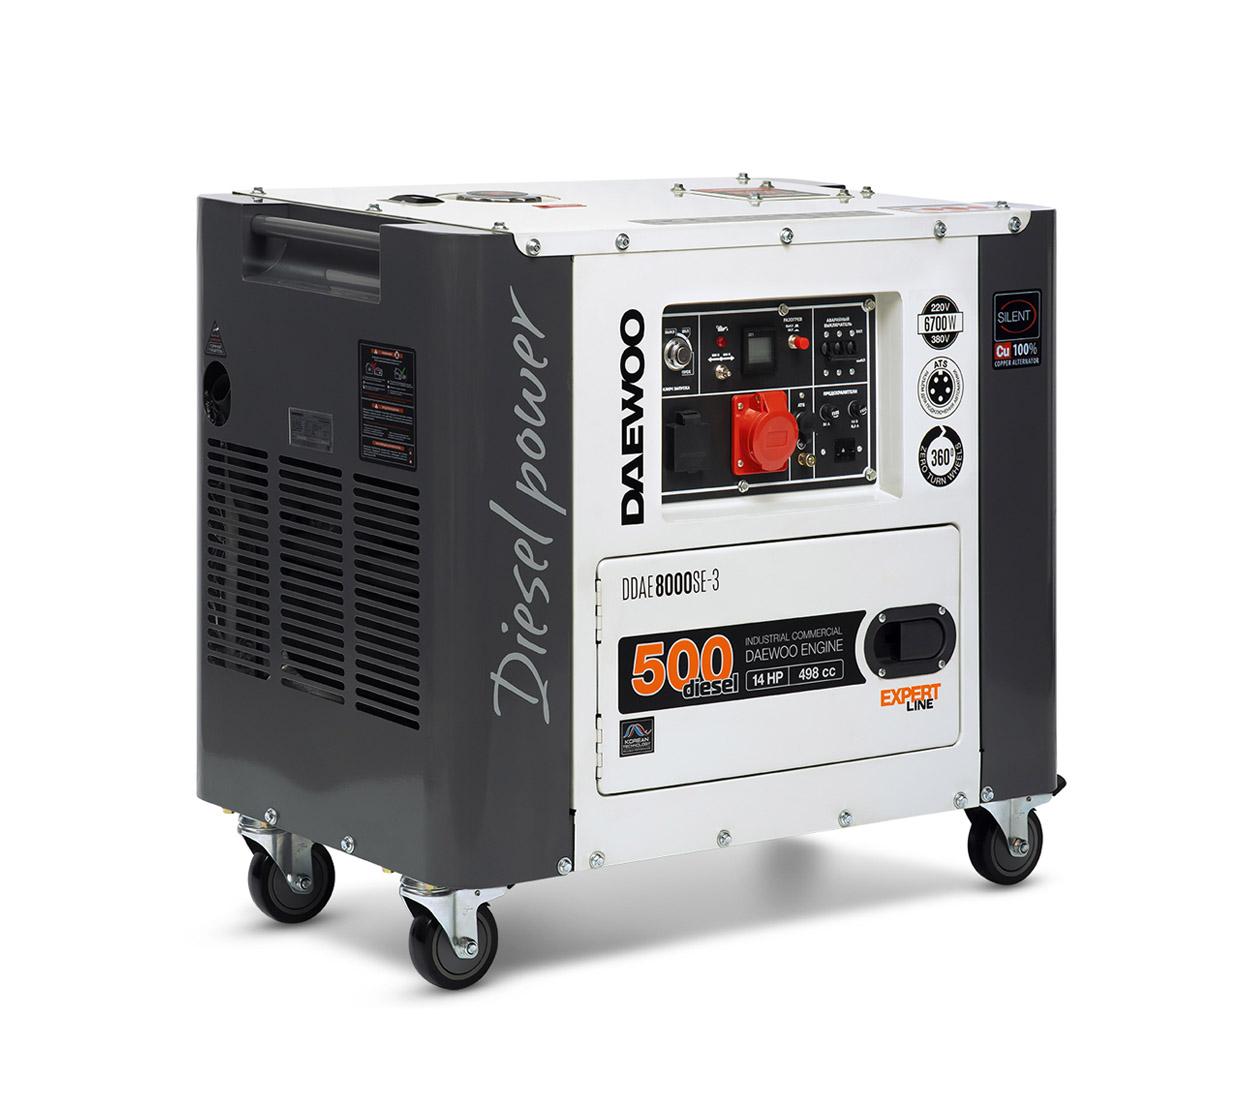 Дизельный генератор (электростанция) DAEWOO DDAE 8000SE-3